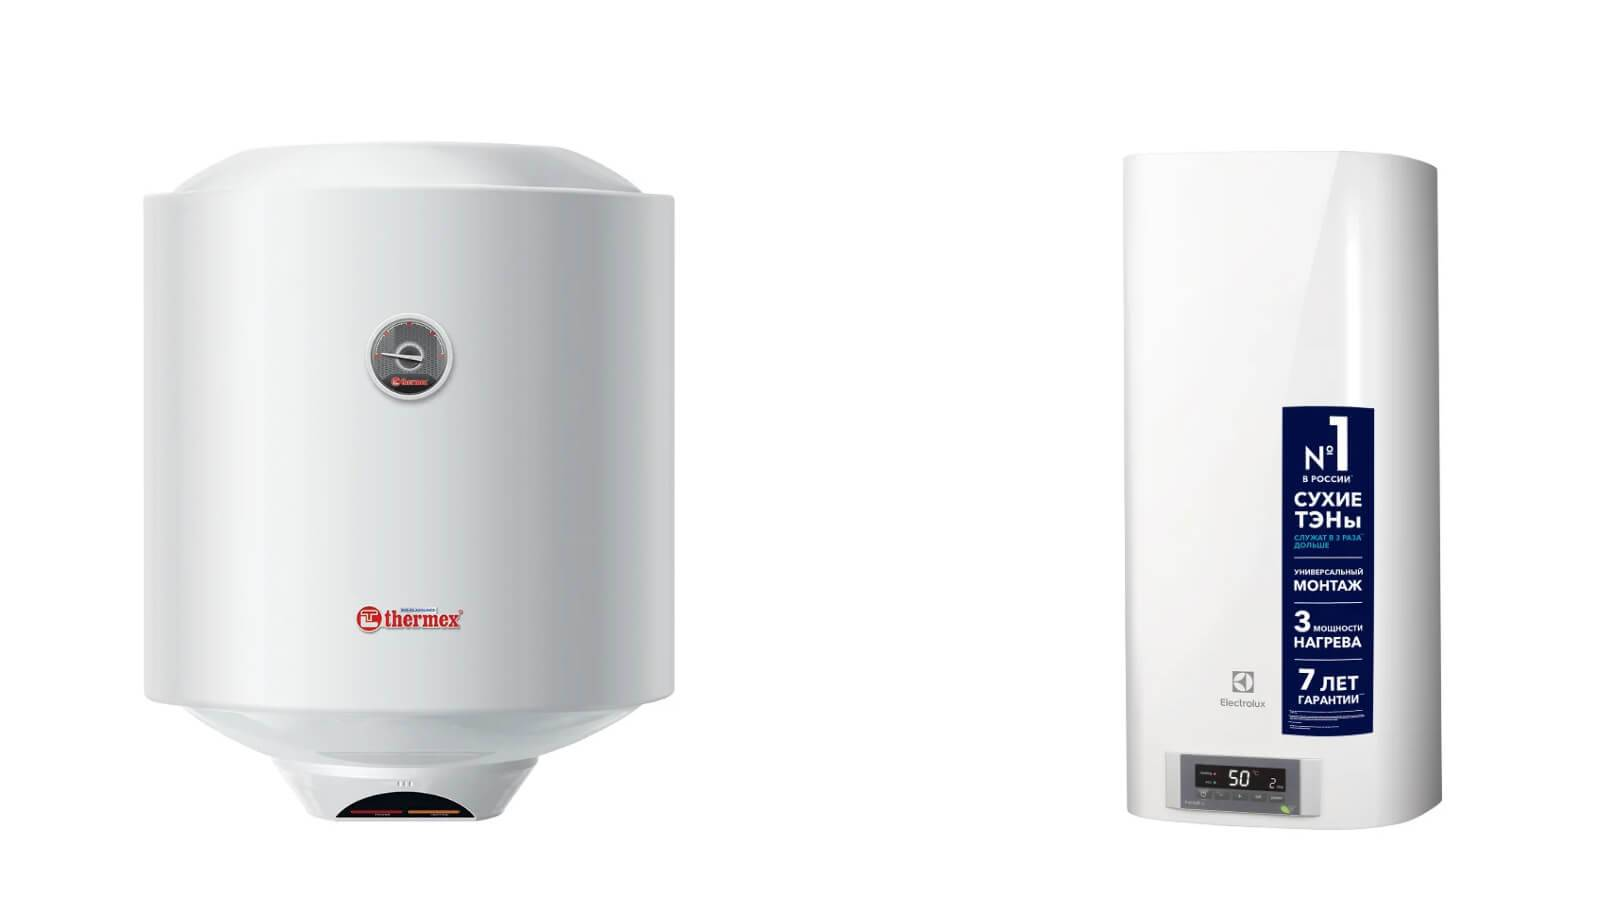 8 советов, как выбрать электрический водонагреватель (бойлер) для частного дома и квартиры   строительный блог вити петрова